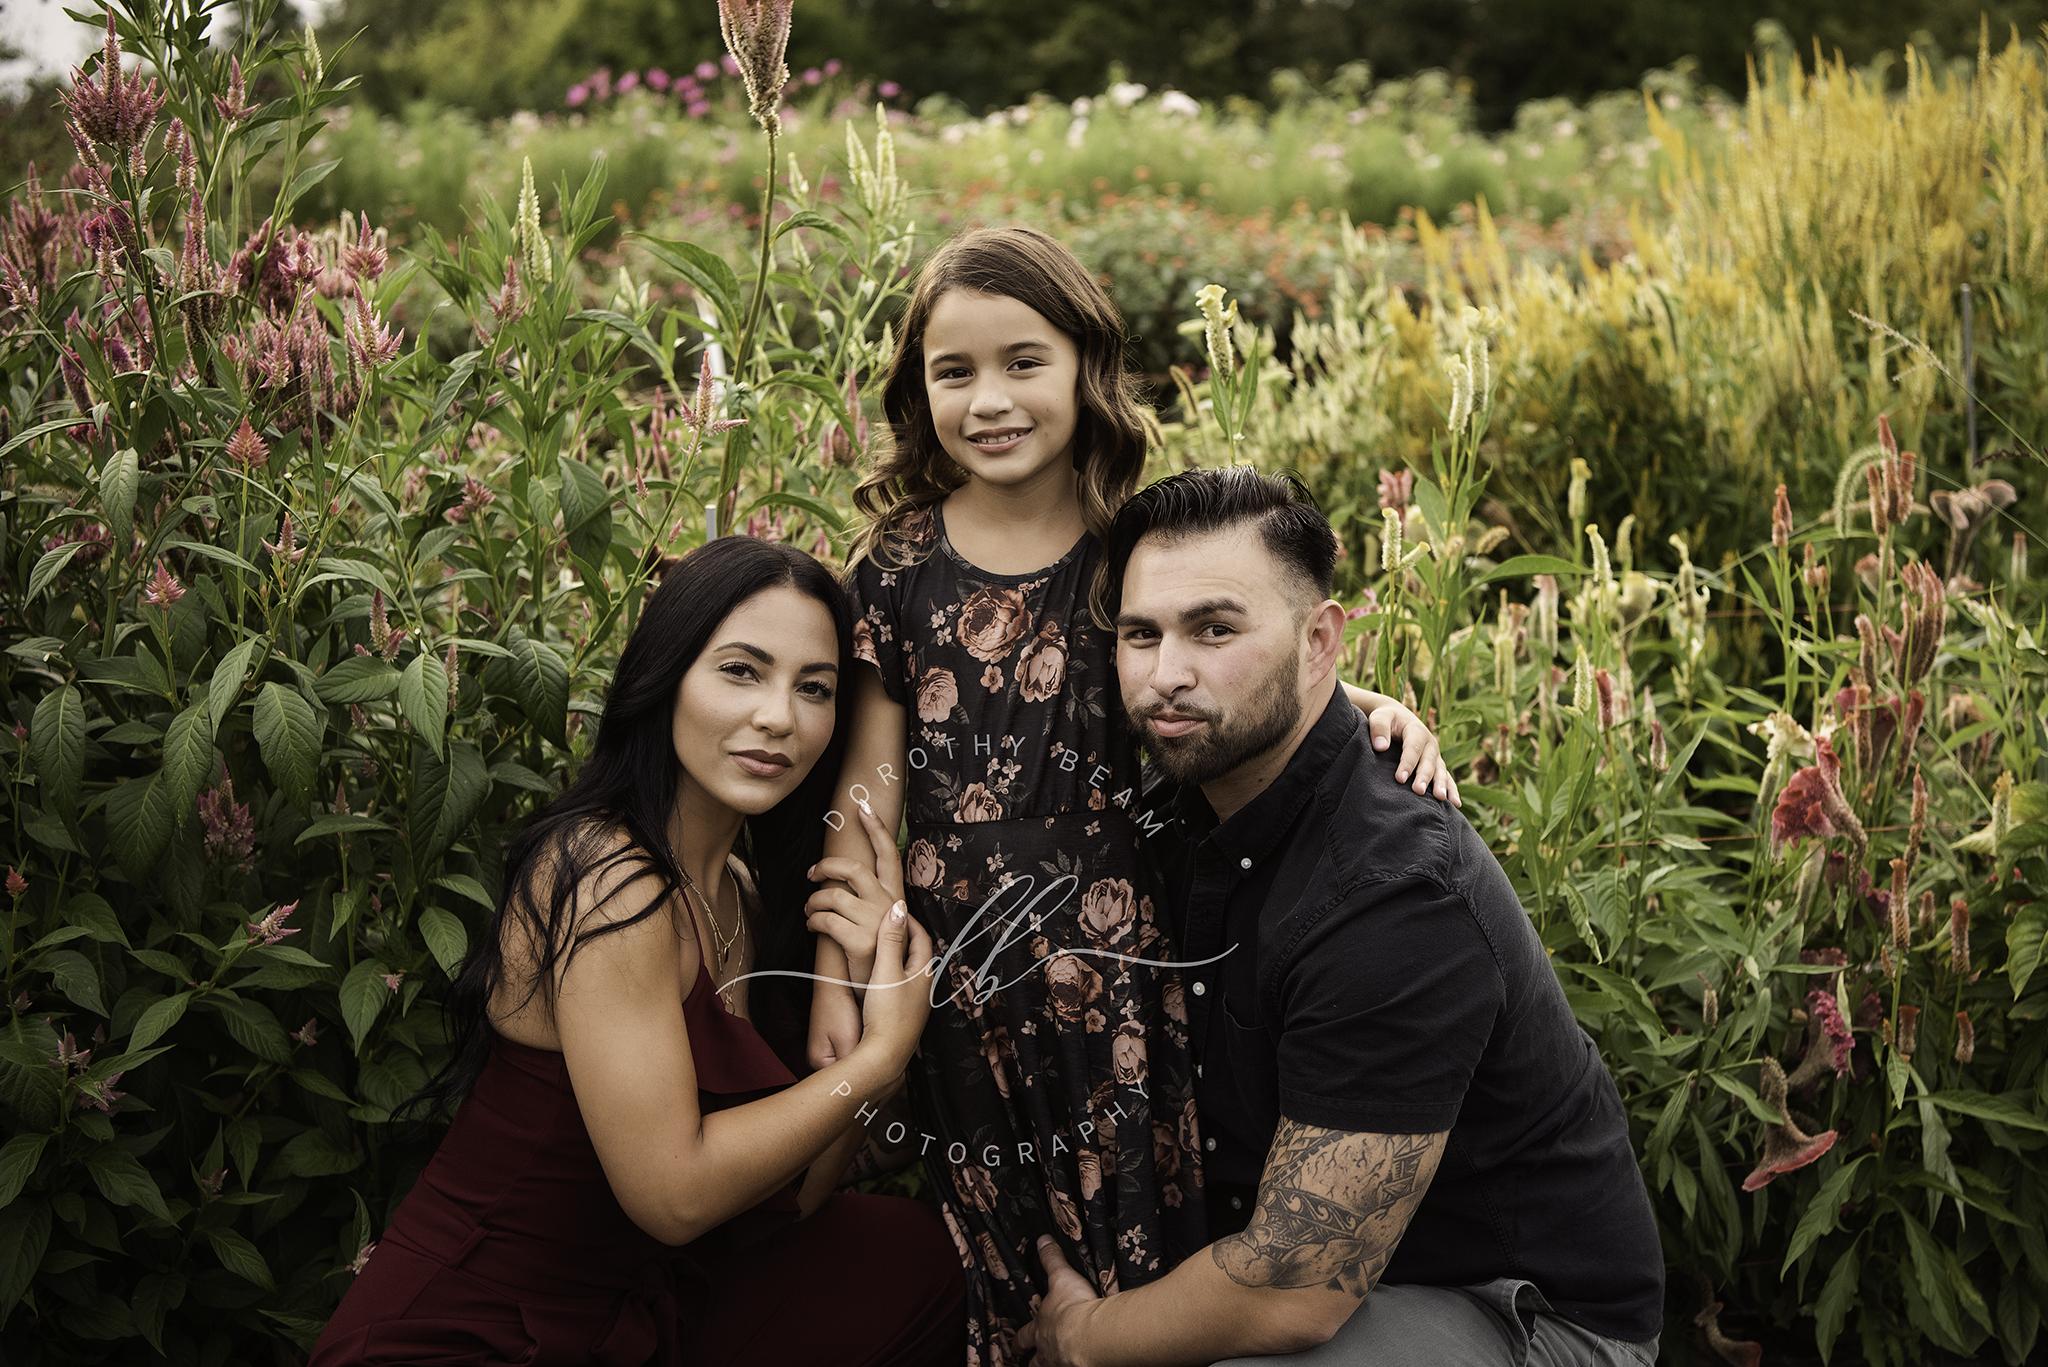 Family of 3 Flower Farm Dayton Ohio